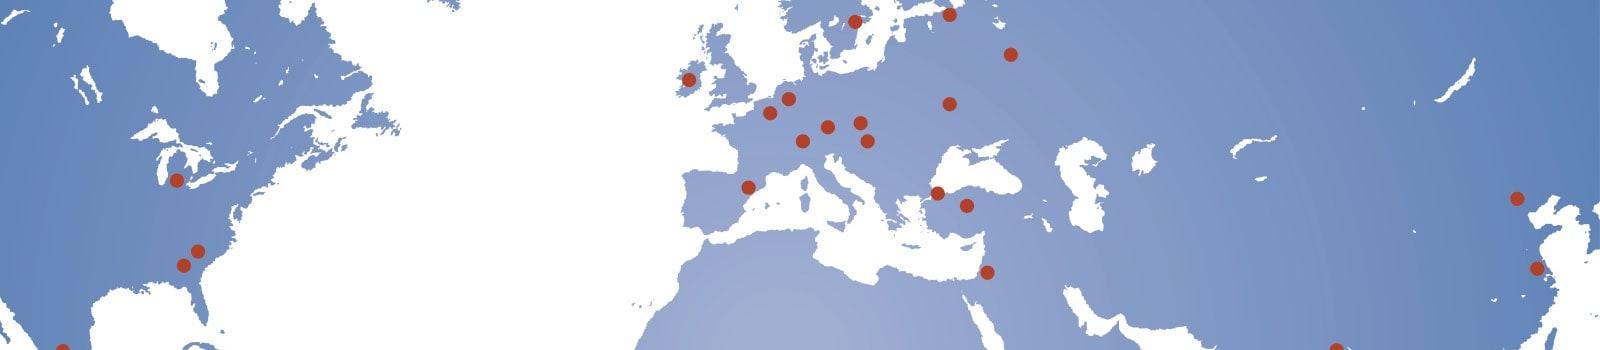 Weltkarte mit eingezeichneten Standorten der BvL-Vertriebspartner international